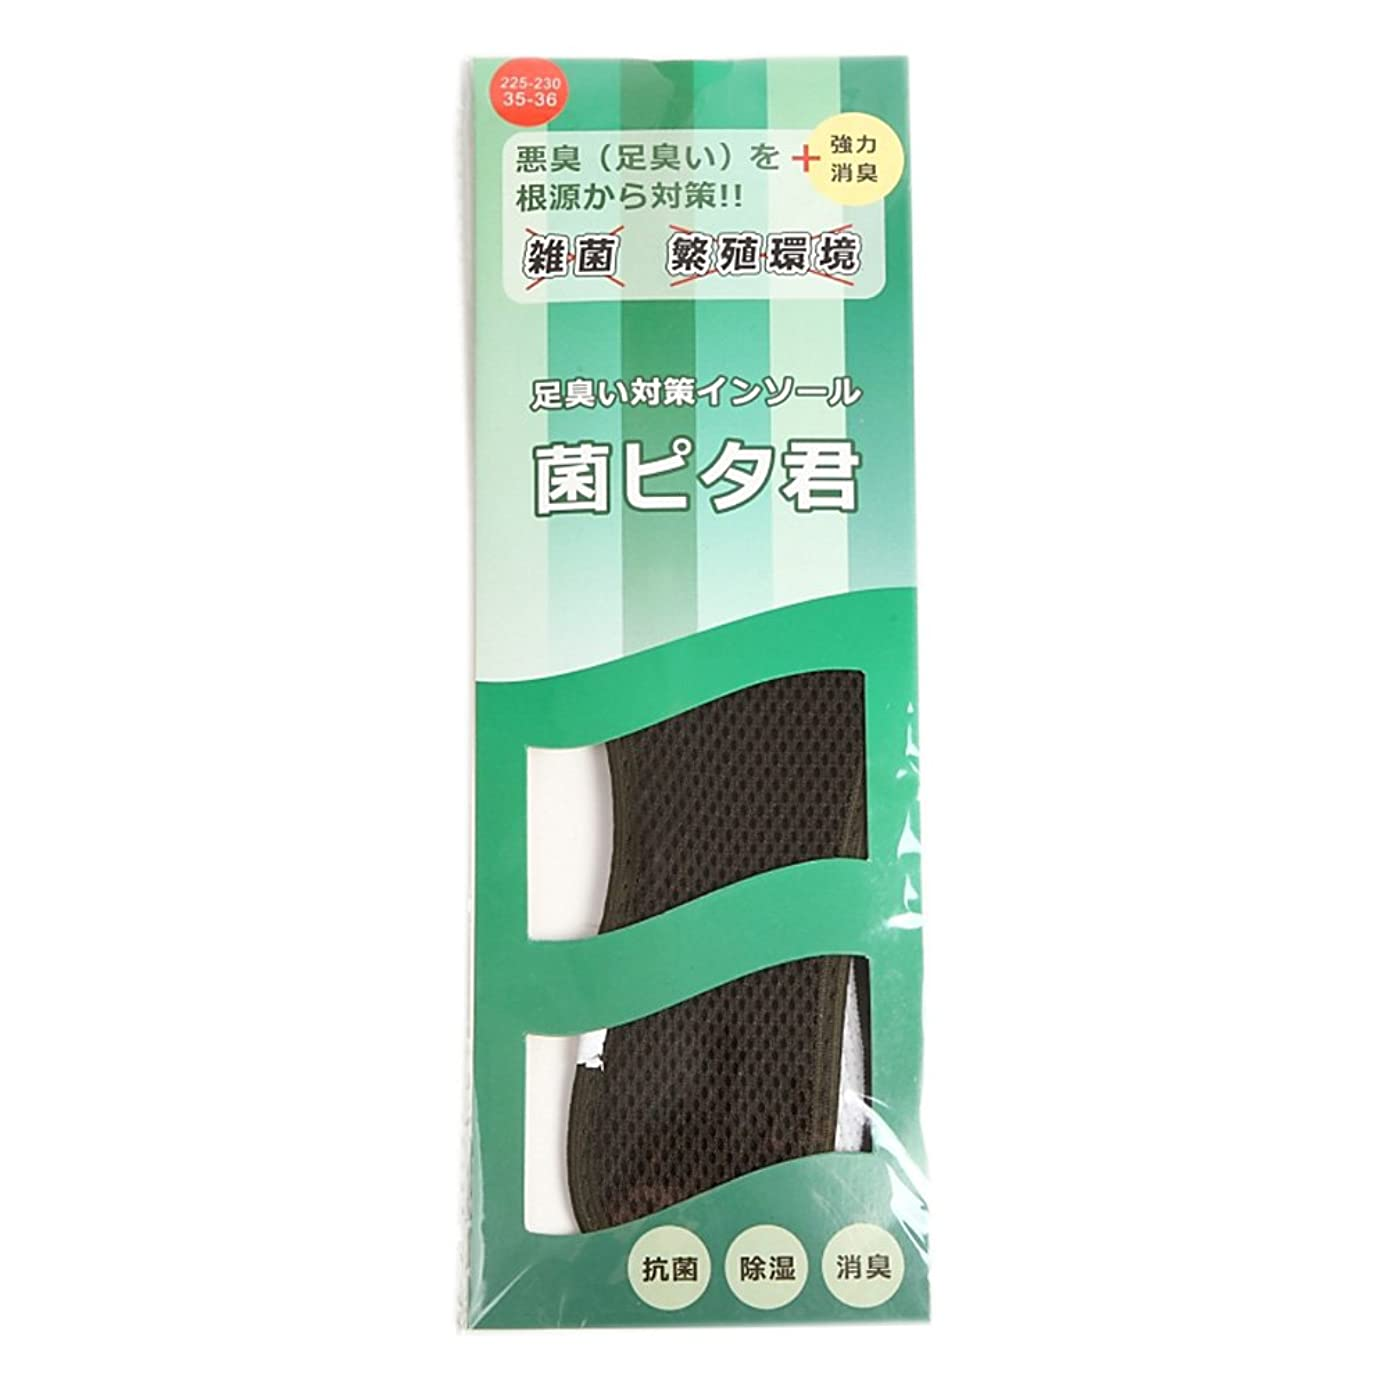 プログラム解放する一元化する足臭い対策インソール(靴の中敷) 菌ピタ君 1足分(2枚入) (29.5~30cm)